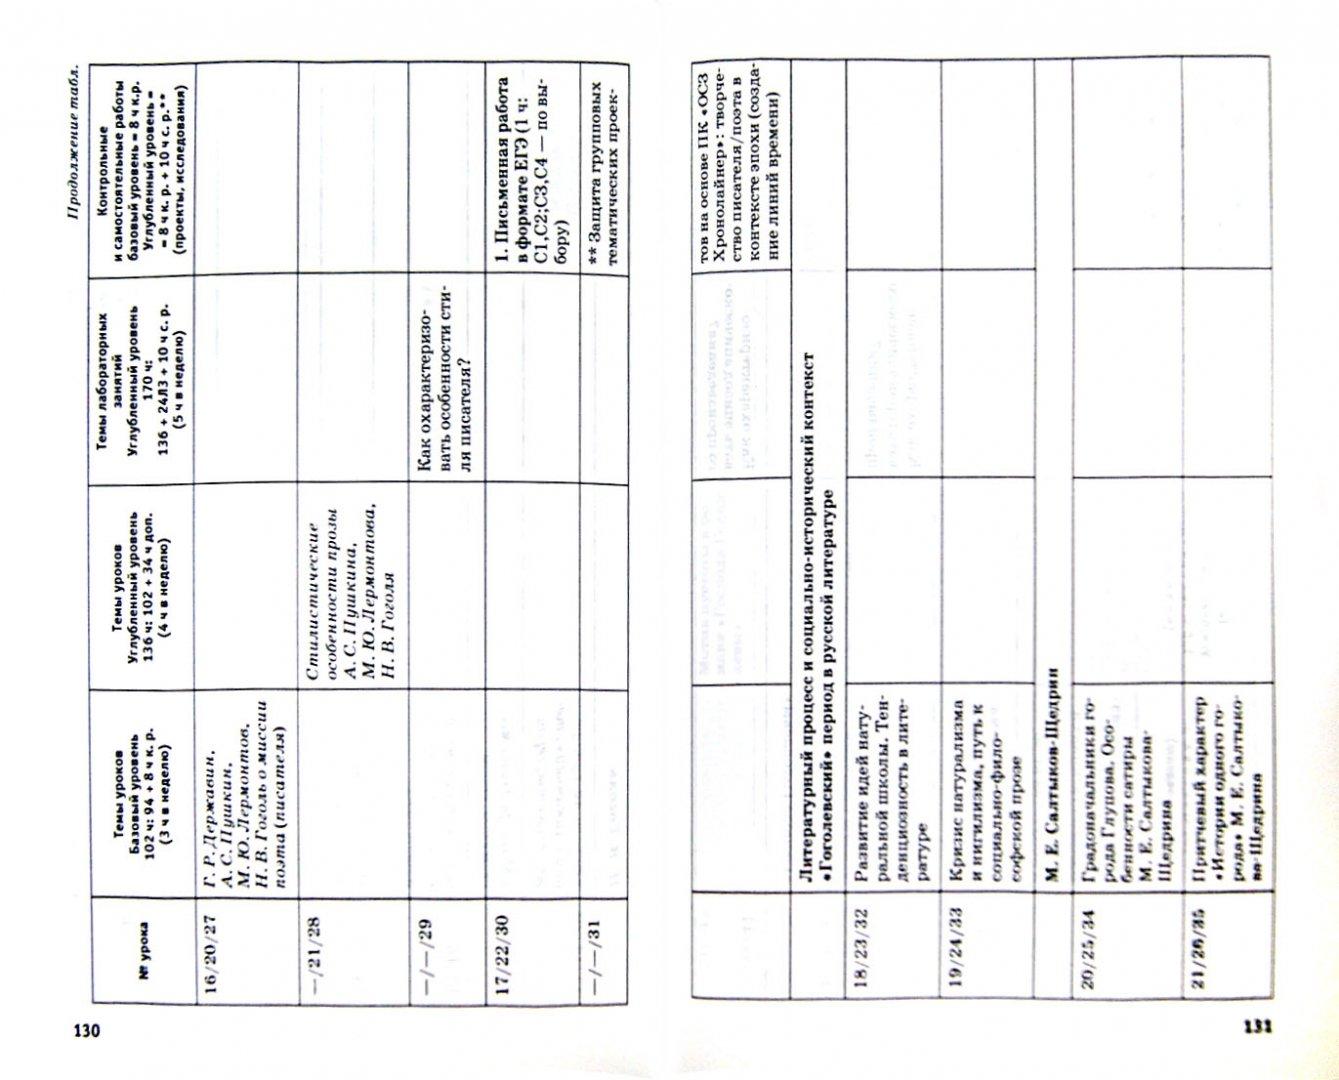 Иллюстрация 1 из 8 для Русский язык и литература. 10 -11 кл. Метод. пособие. Рекомендации по составлению программ. ФГОС | Лабиринт - книги. Источник: Лабиринт